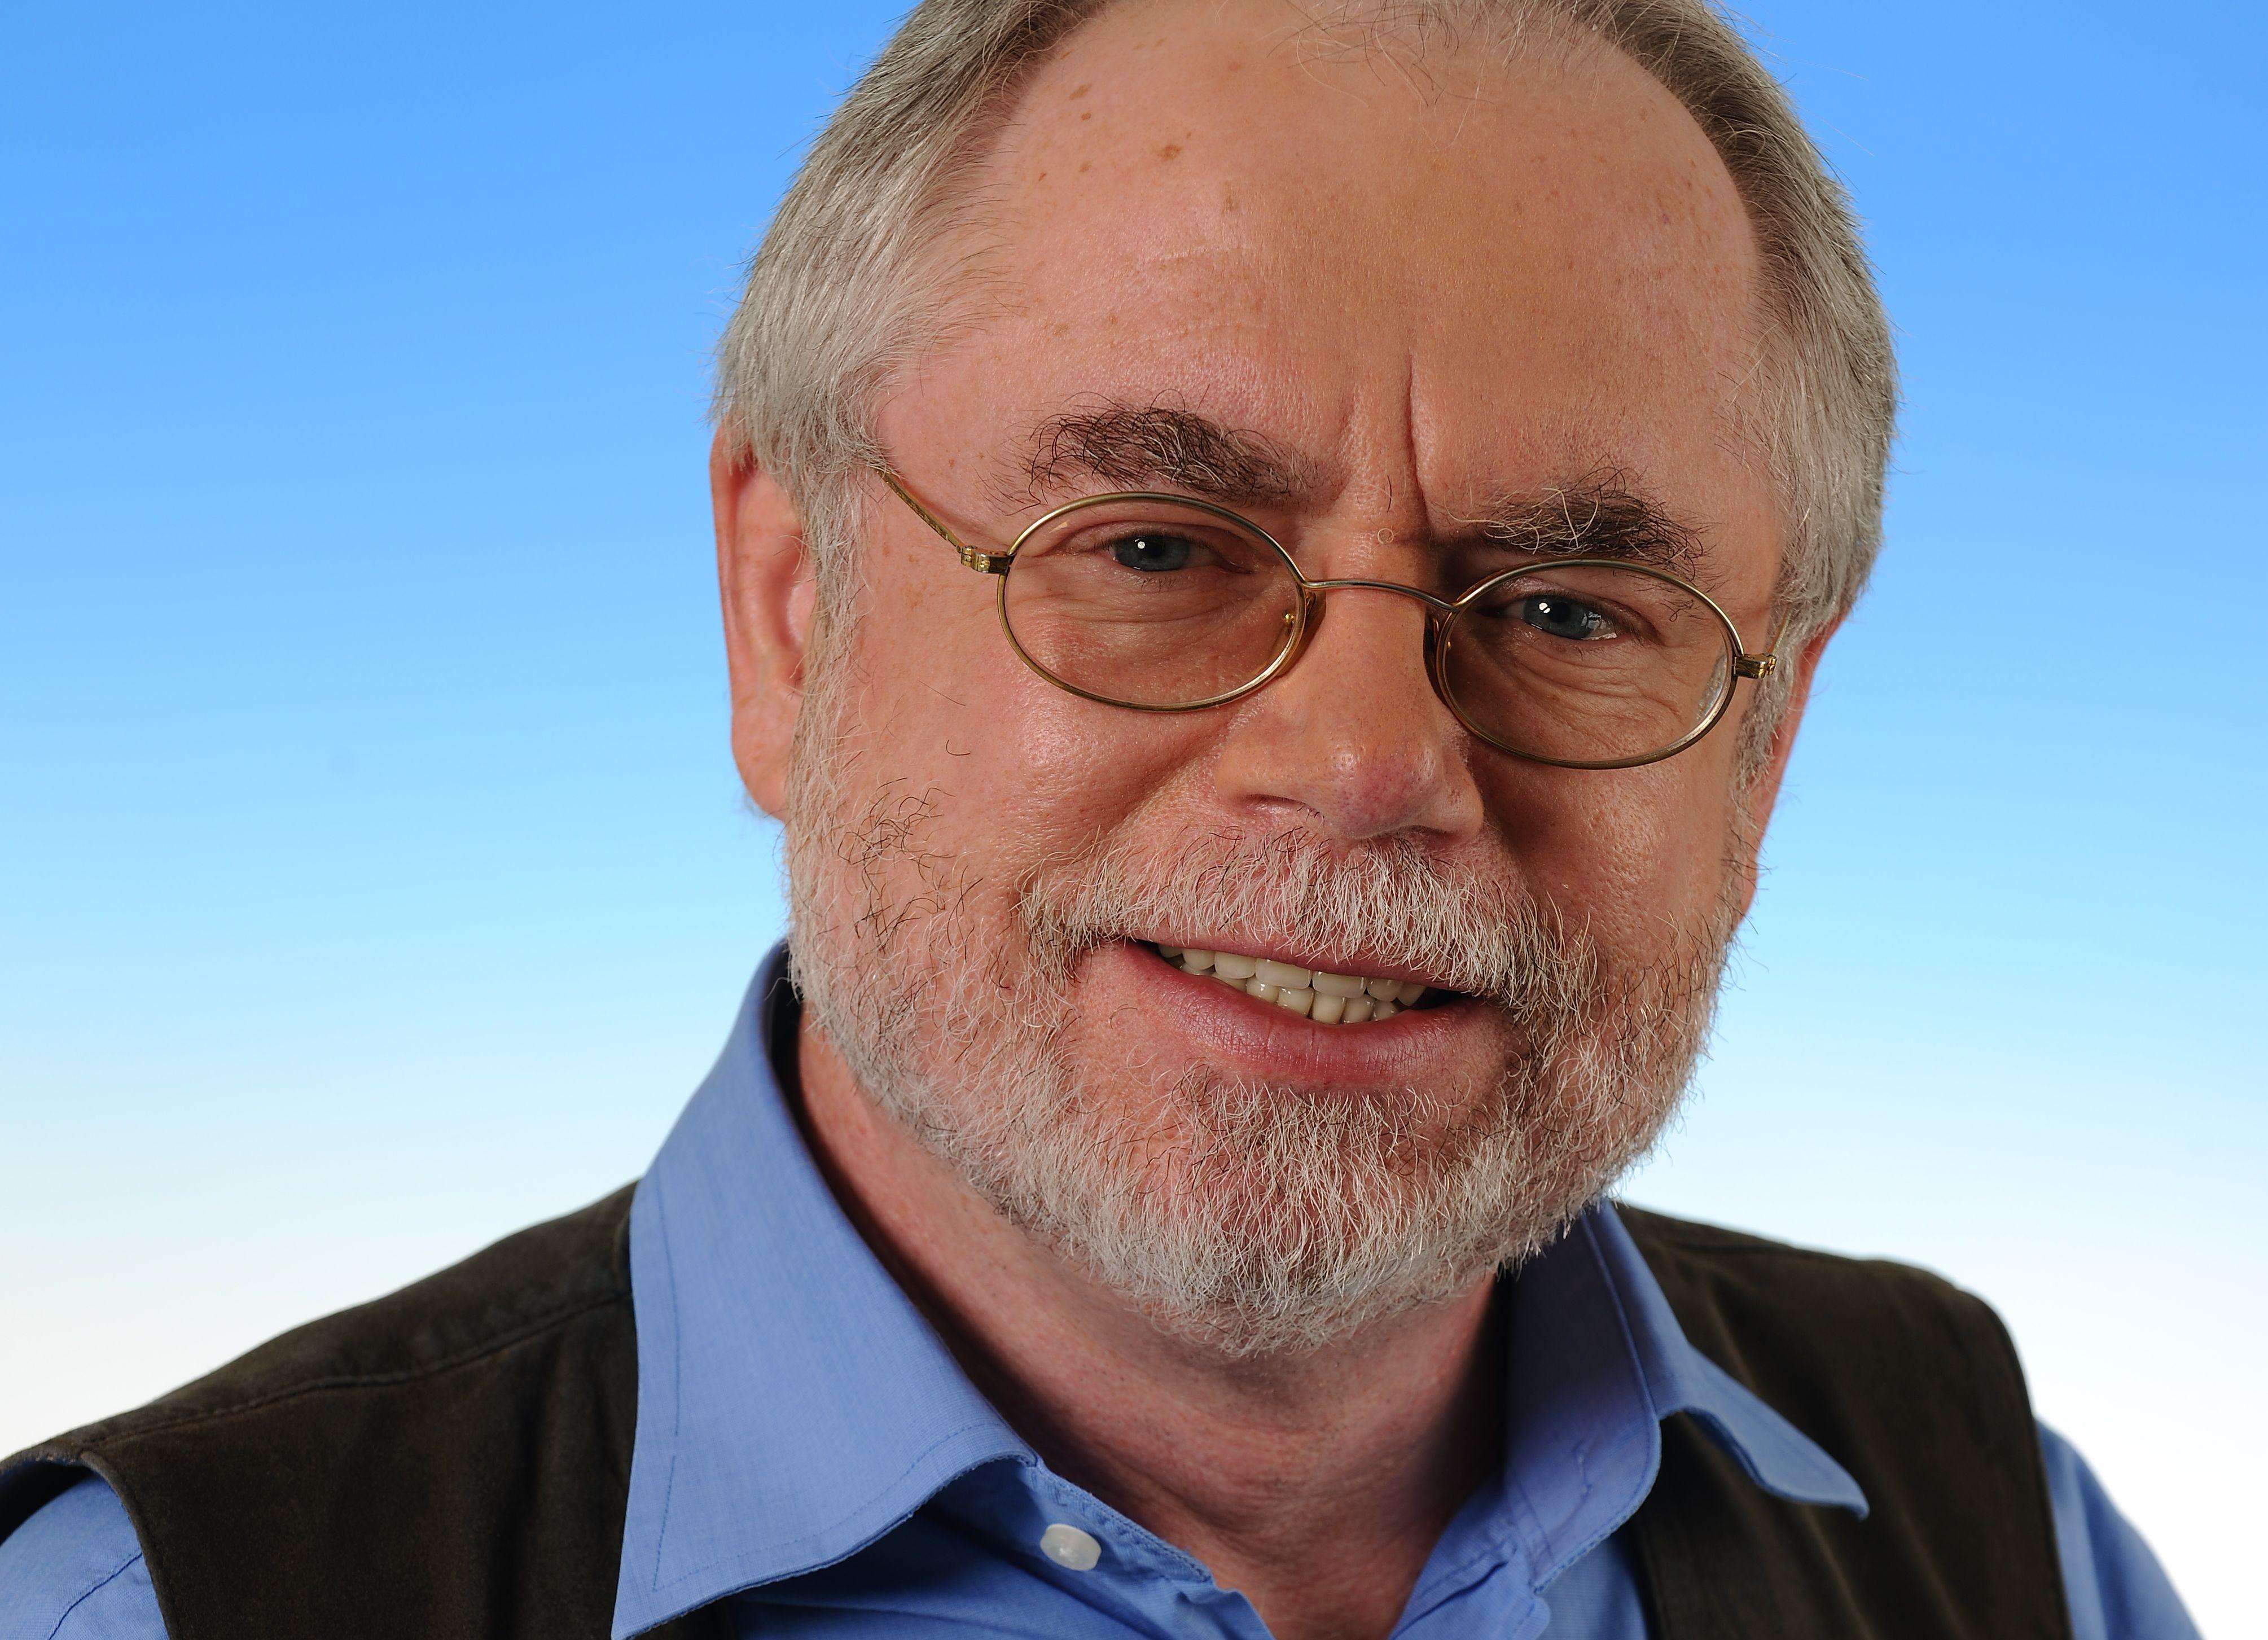 Rüdiger Koch ist Betriebsratsvorsitzender a.D. bei Merz Pharma